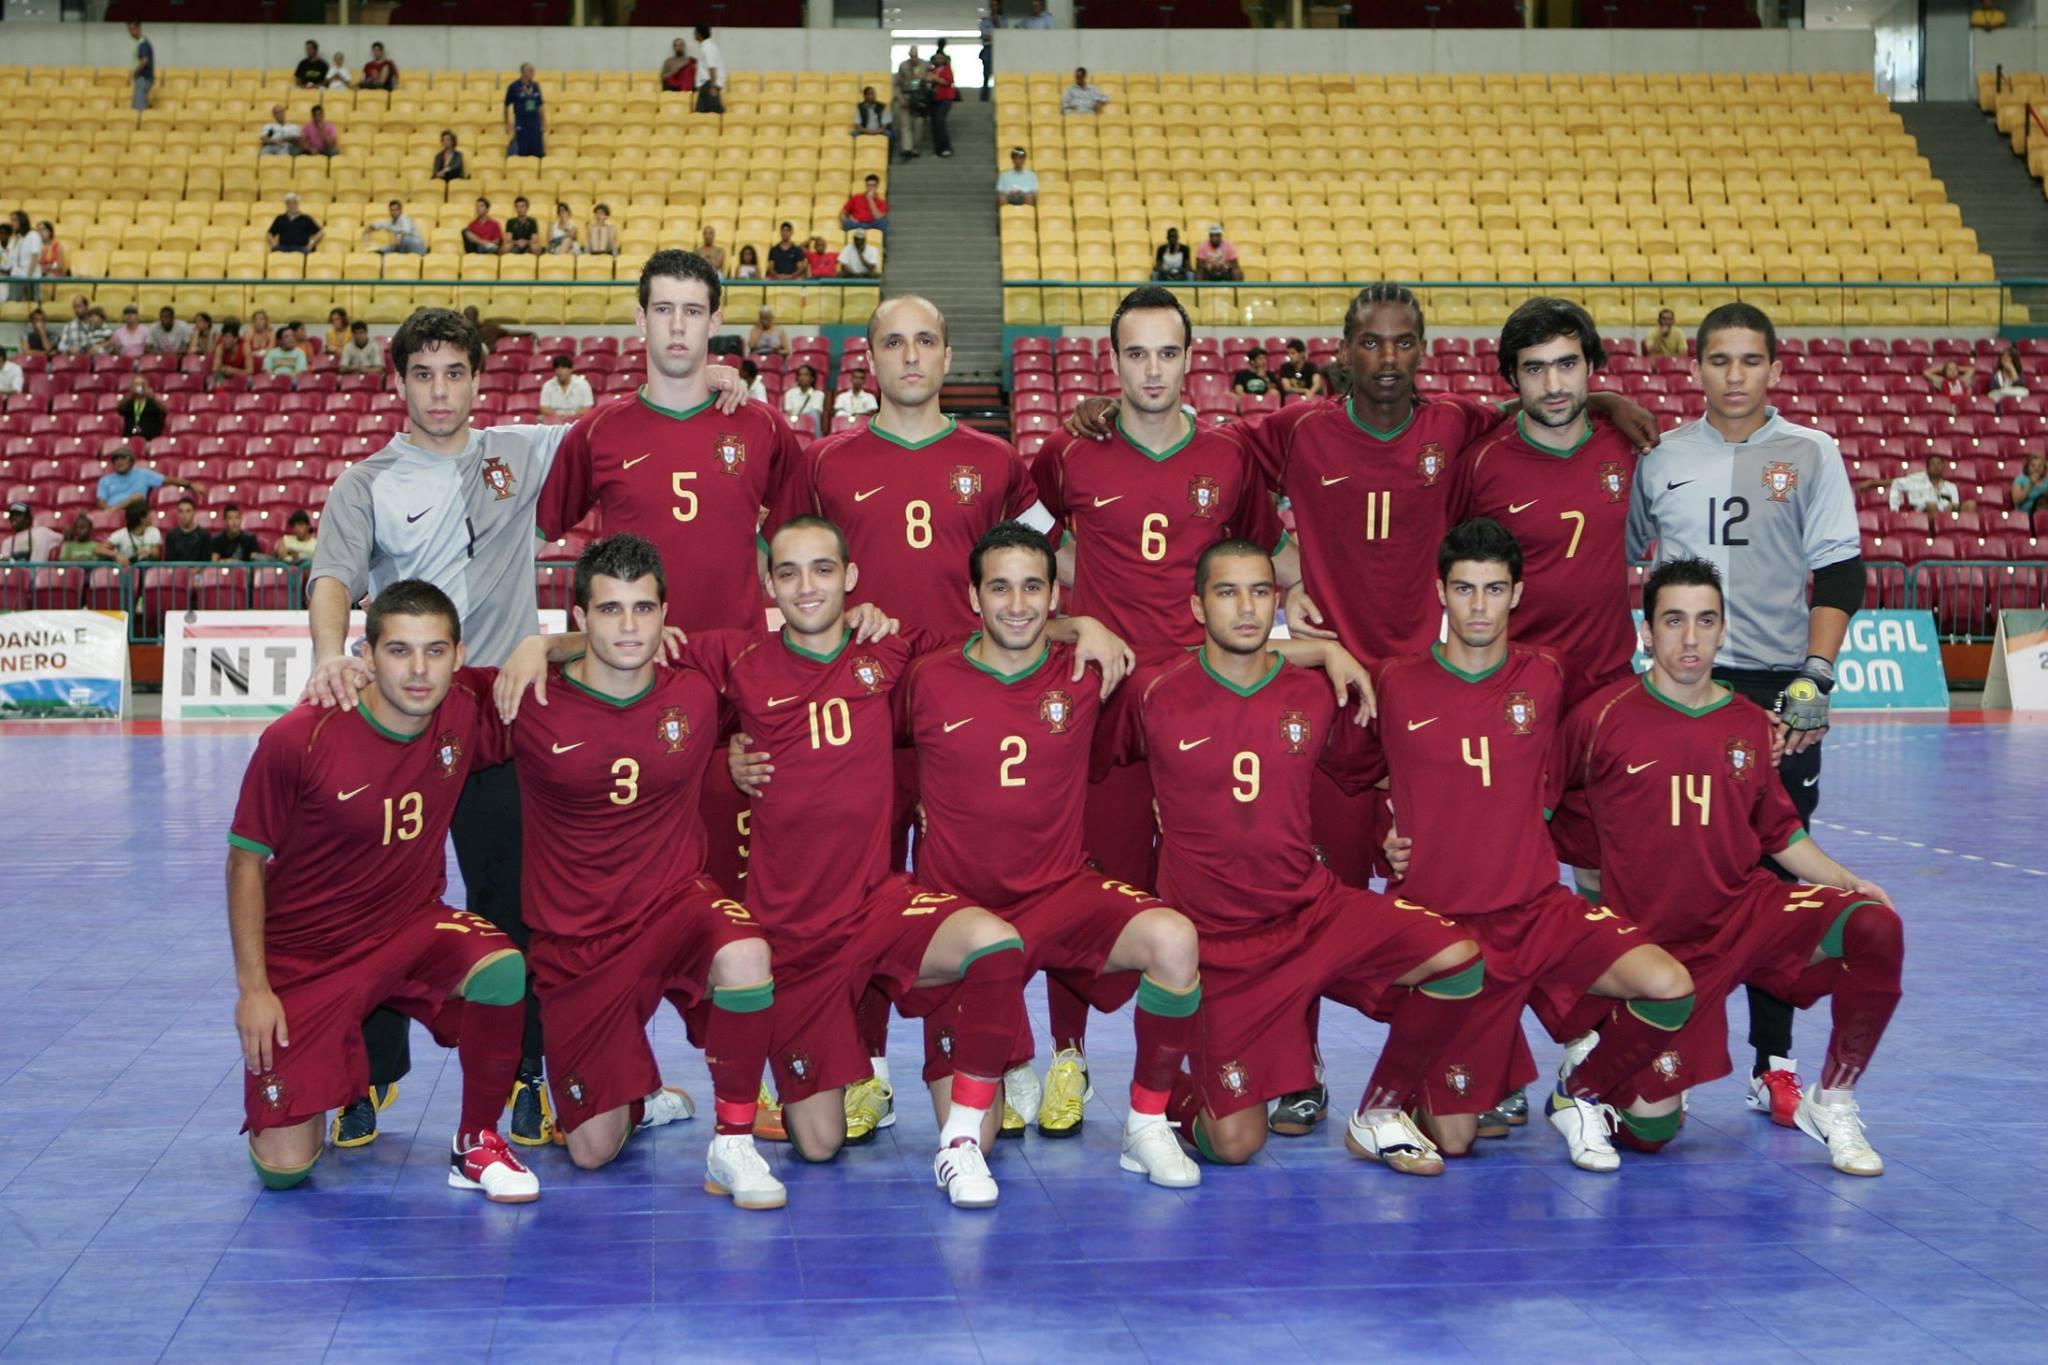 Equipa que representou Portugal nos Jogos da Lusofonia, e de que Amílcar fez parte (2009)